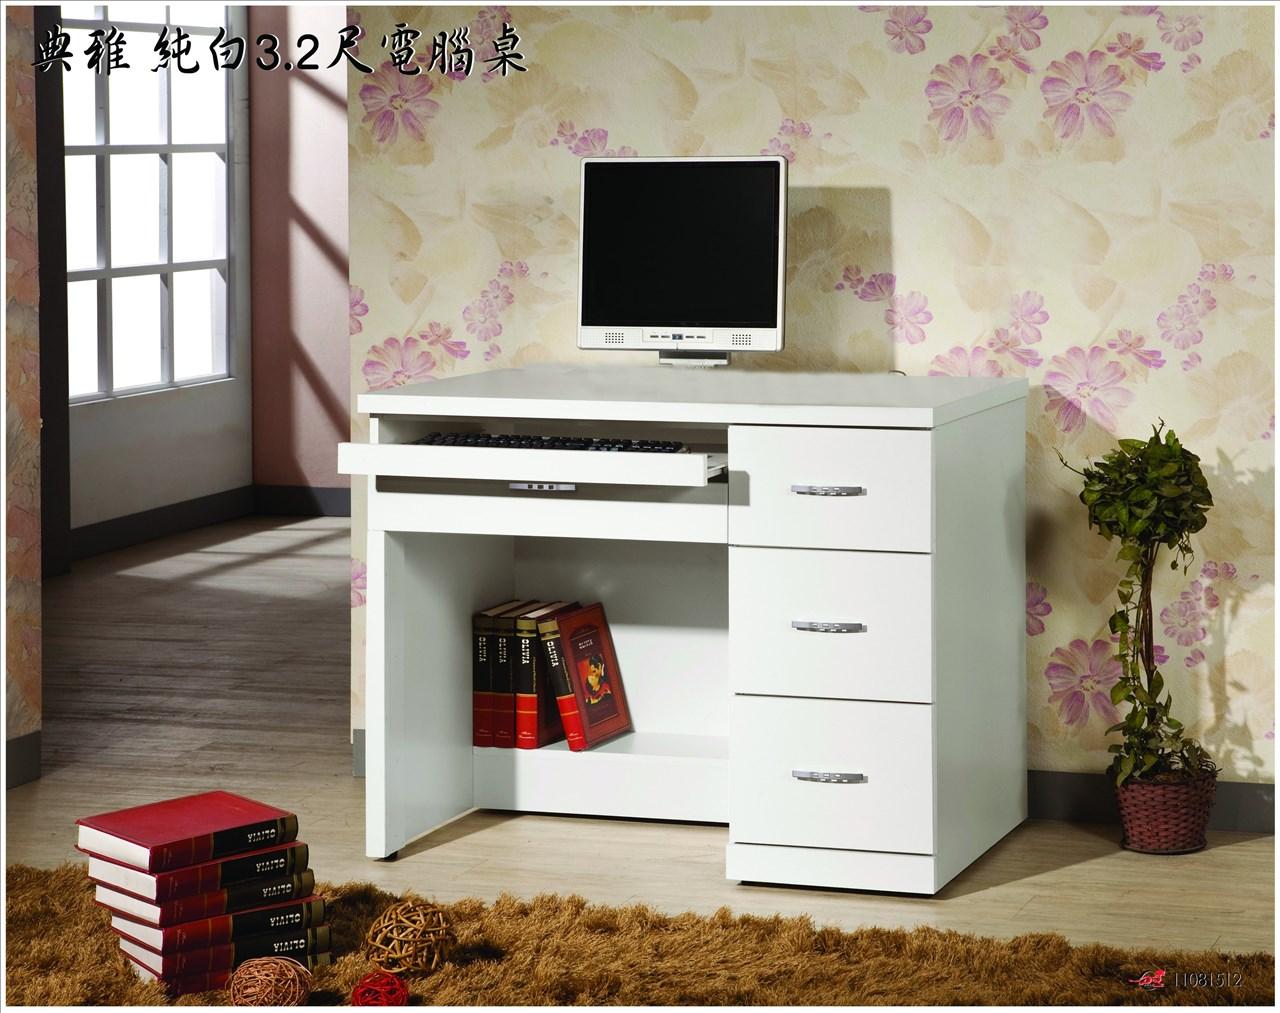 【石川家居】OU-746-11 典雅純白3.2尺電腦桌 (不含其他商品) 需搭配車趟